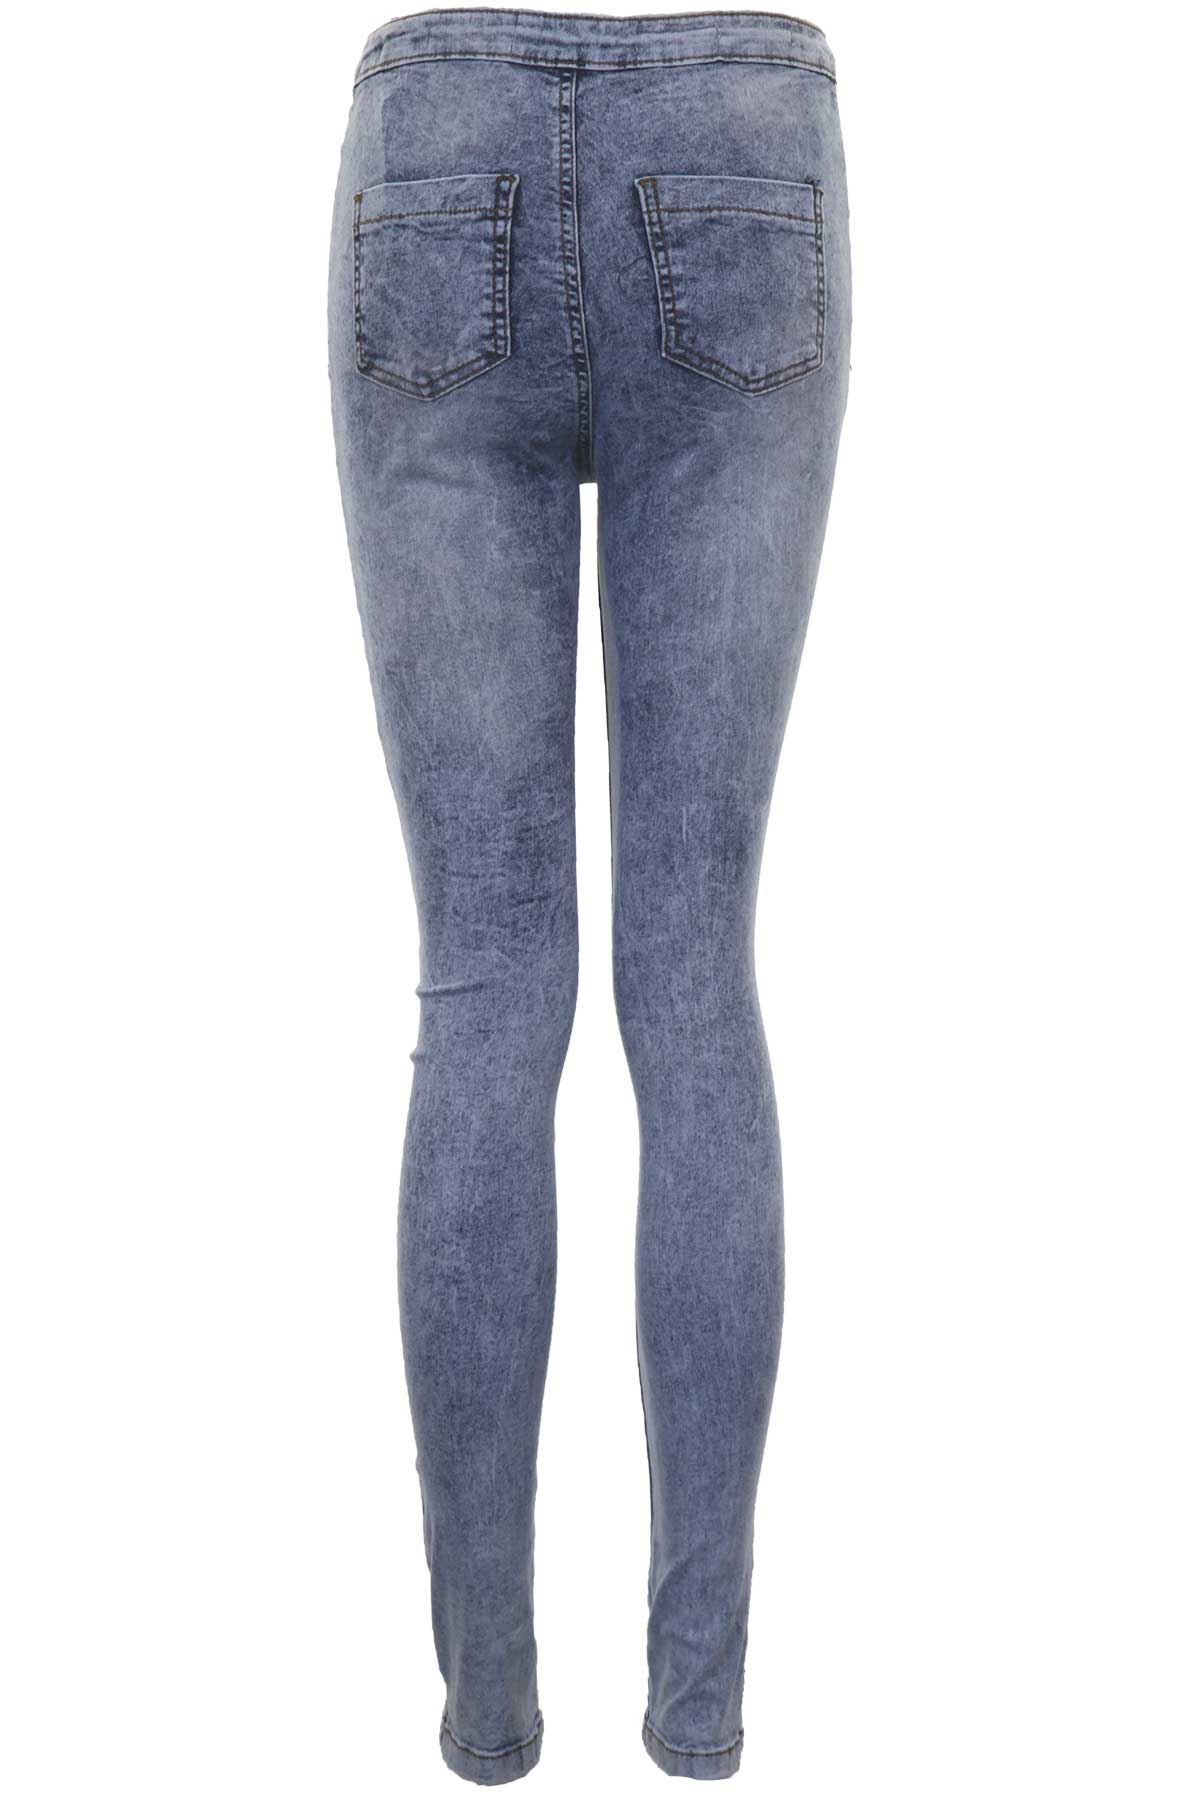 Damen Hoher Bund Hell Acid Wash Damen Slimfit Passform Jeans UK 6-14